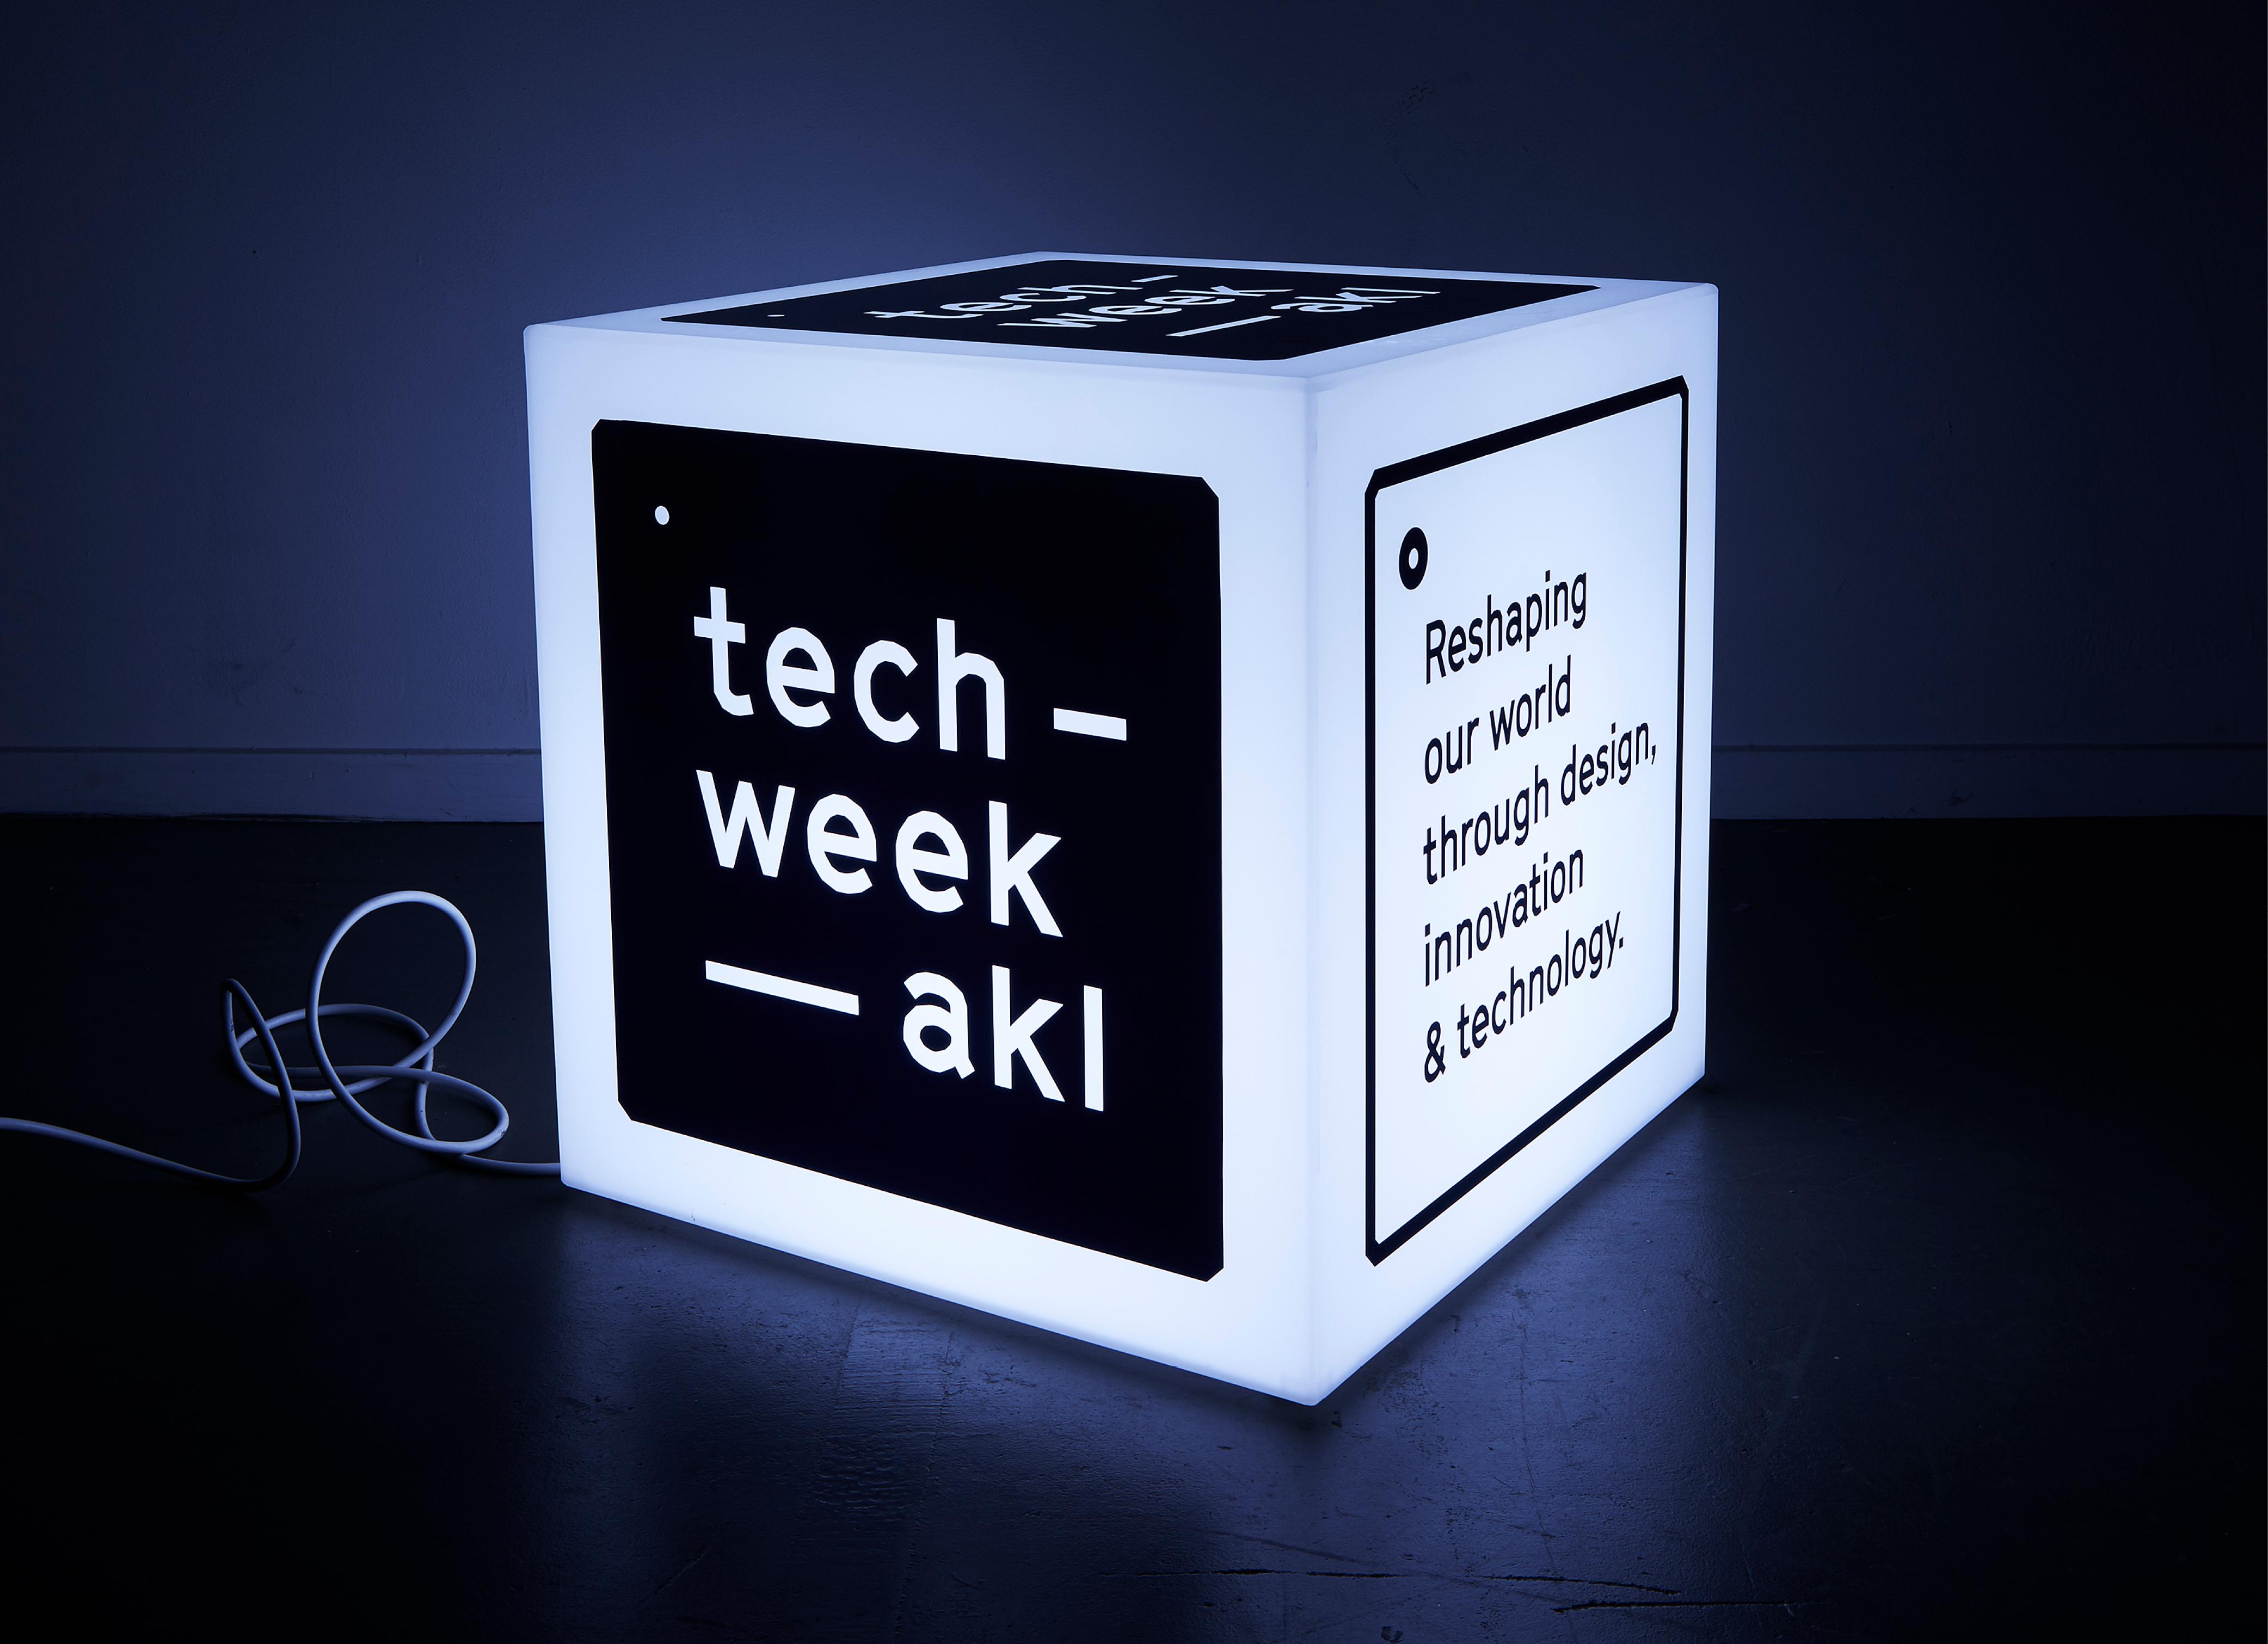 https://tanamitchell.com/wp-content/uploads/2019/01/Tech-Week-2000x1450px-V2.jpg